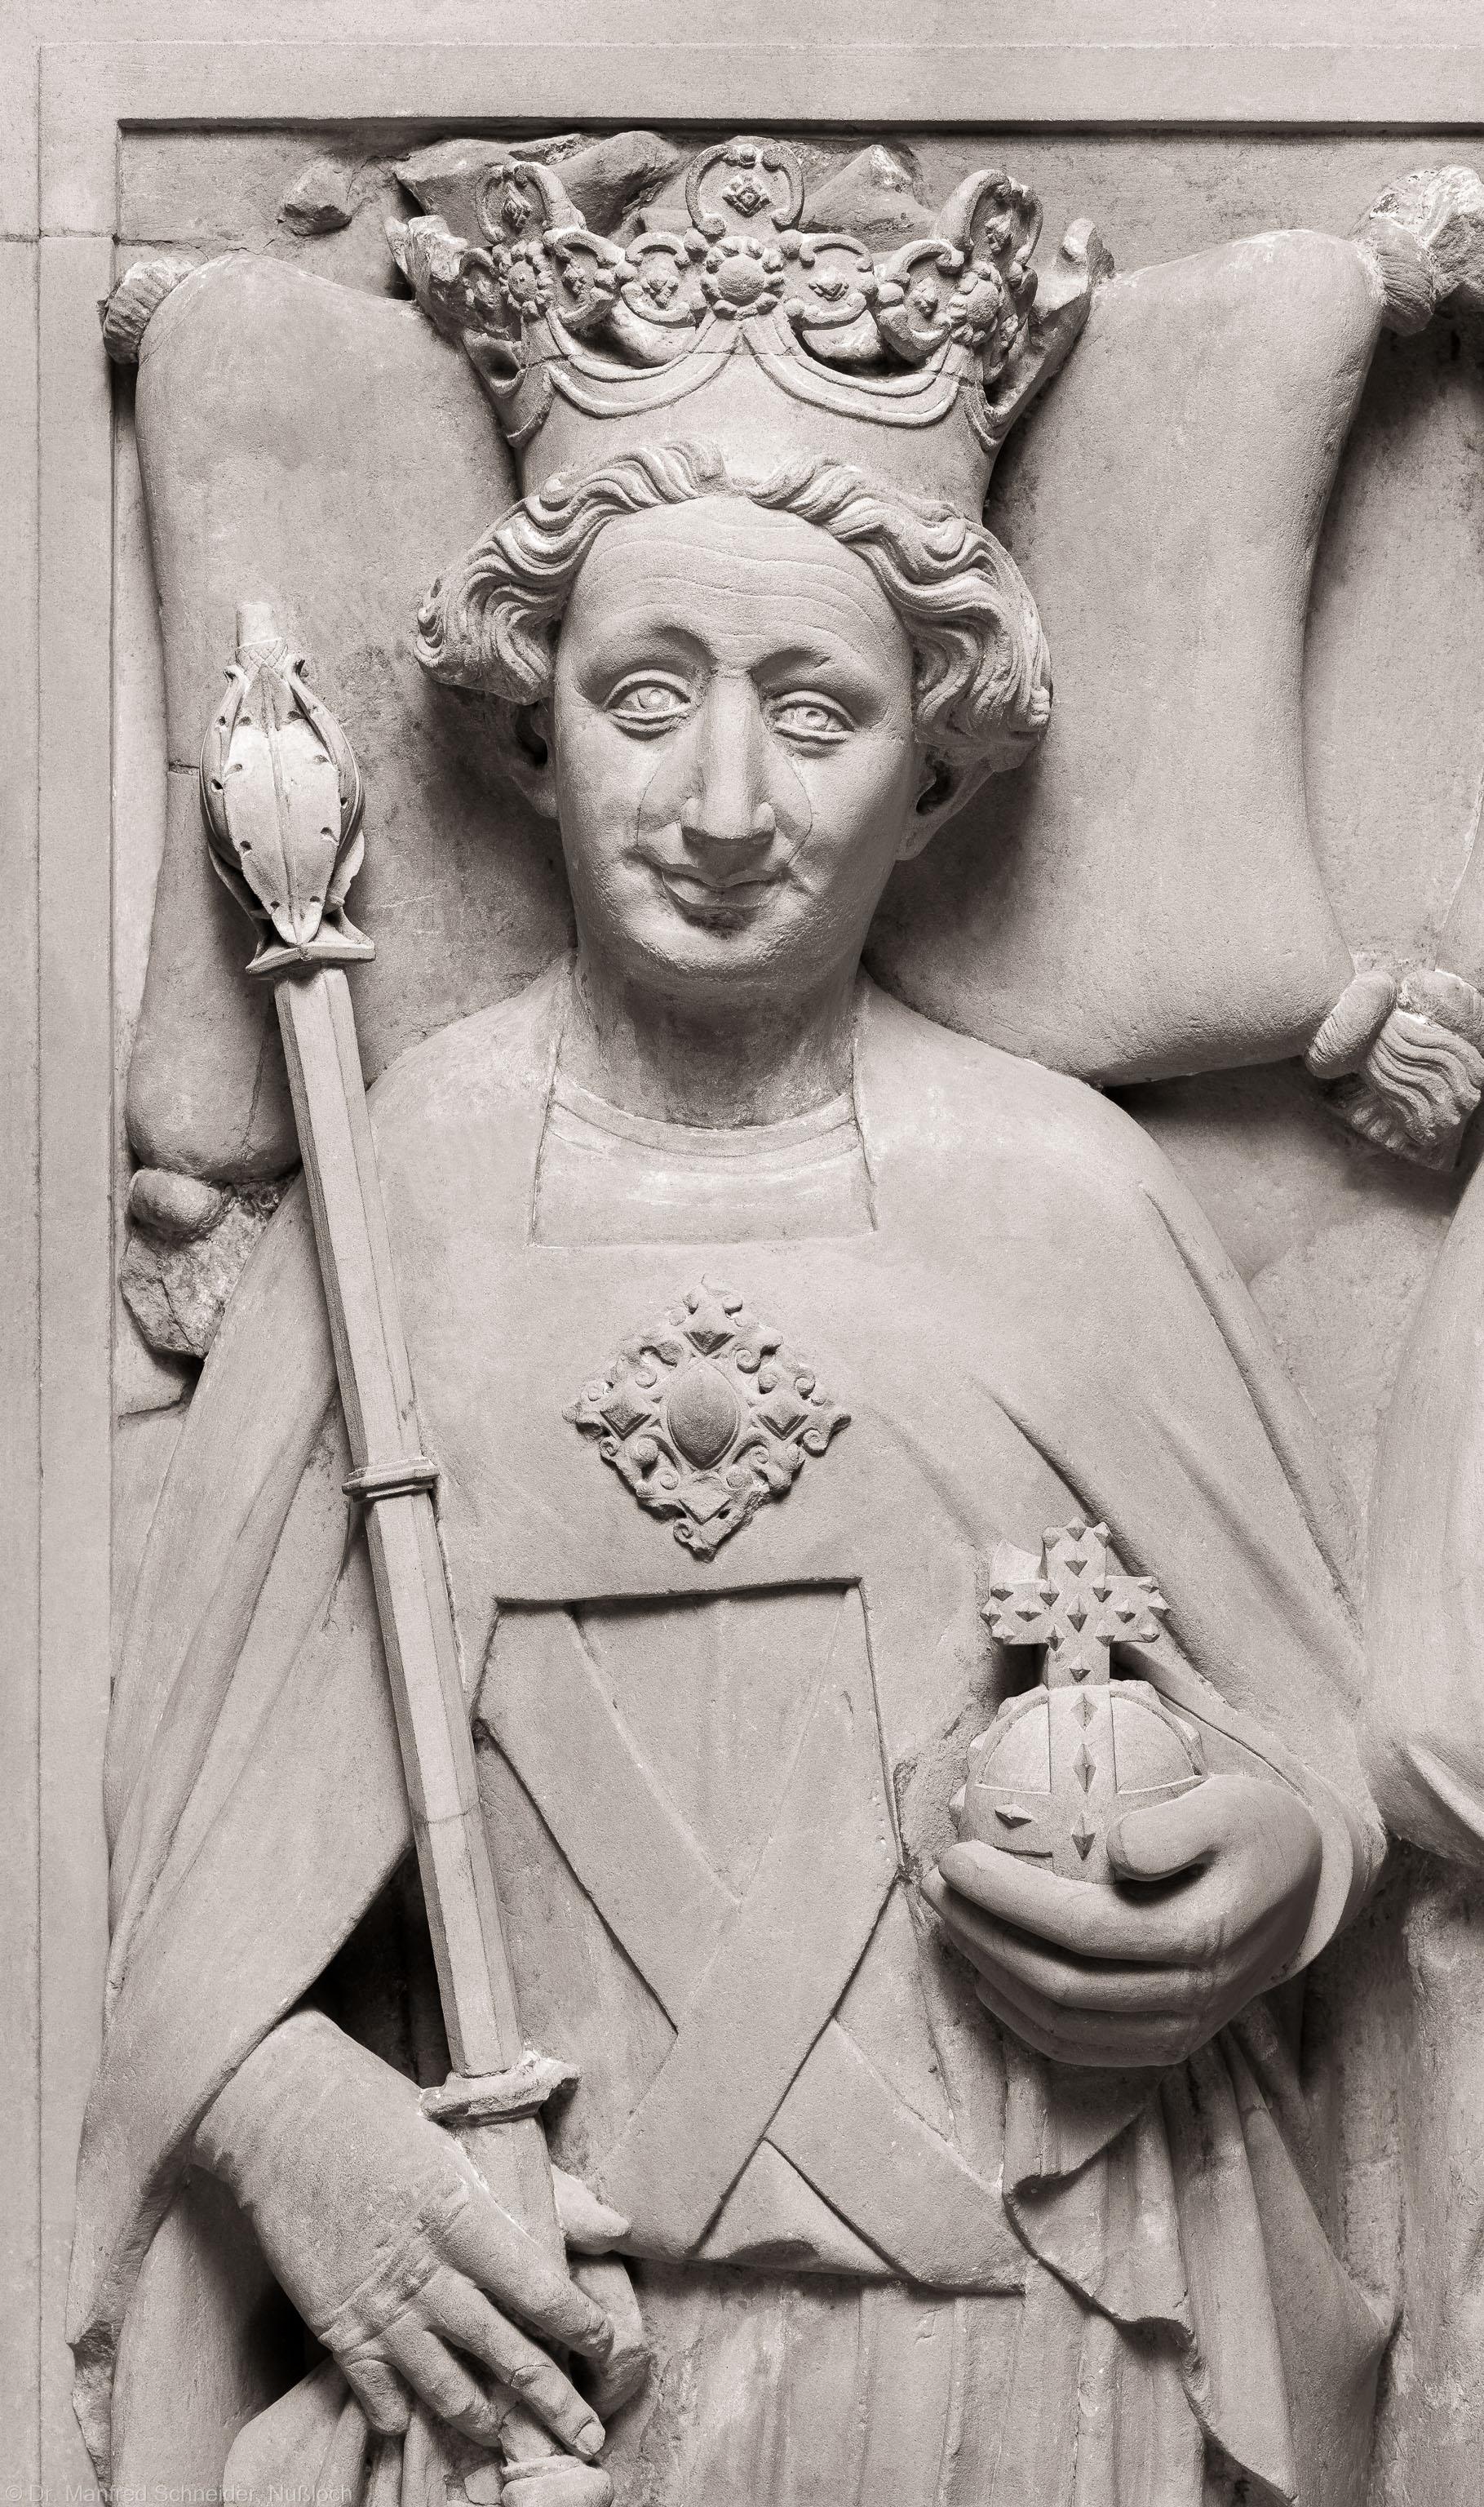 Heidelberg - Heiliggeistkirche - Nordschiff - Königsgrab - Ausschnitt aus der Grabplatte des Kurfürsten Ruprecht III. und seiner Gemahlin Elisabeth von Hohenzollern (aufgenommen im März 2015, am frühen Nachmittag)